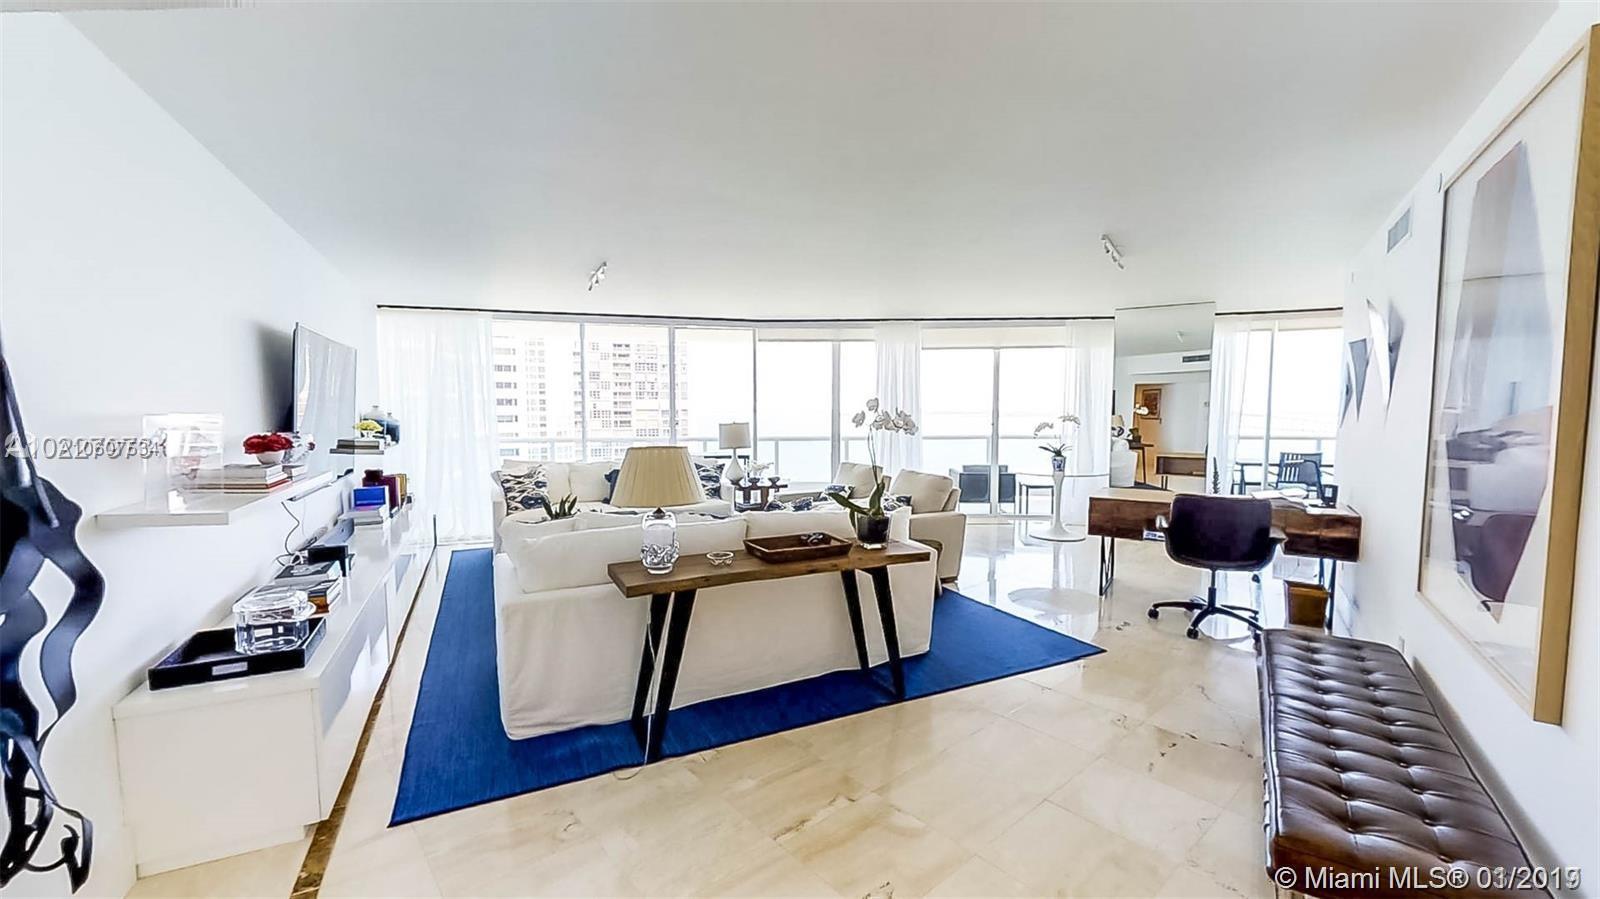 2127 Brickell Avenue, Miami, FL 33129, Bristol Tower Condominium #1501, Brickell, Miami A10607534 image #19